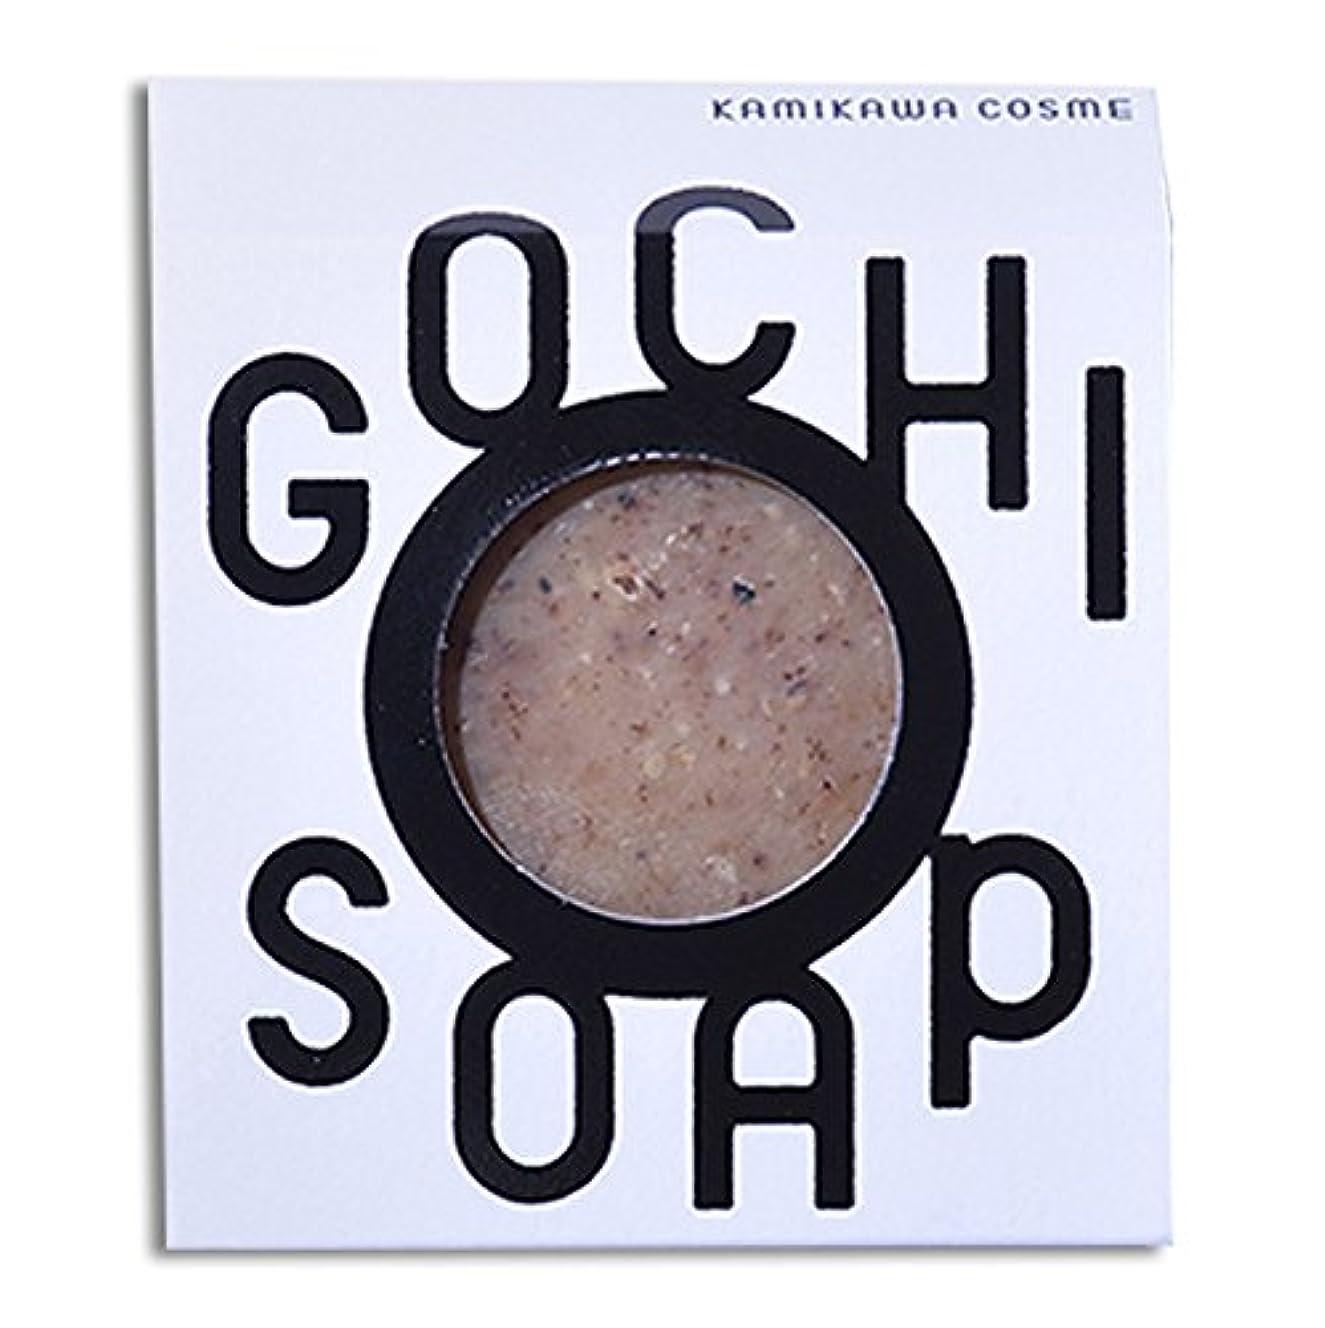 マディソン故国理容師道北の素材を使用したコスメブランド GOCHI SOAP(上森米穀店の黒米ぬかソープ?谷口農場のトマトソープ)各1個セット